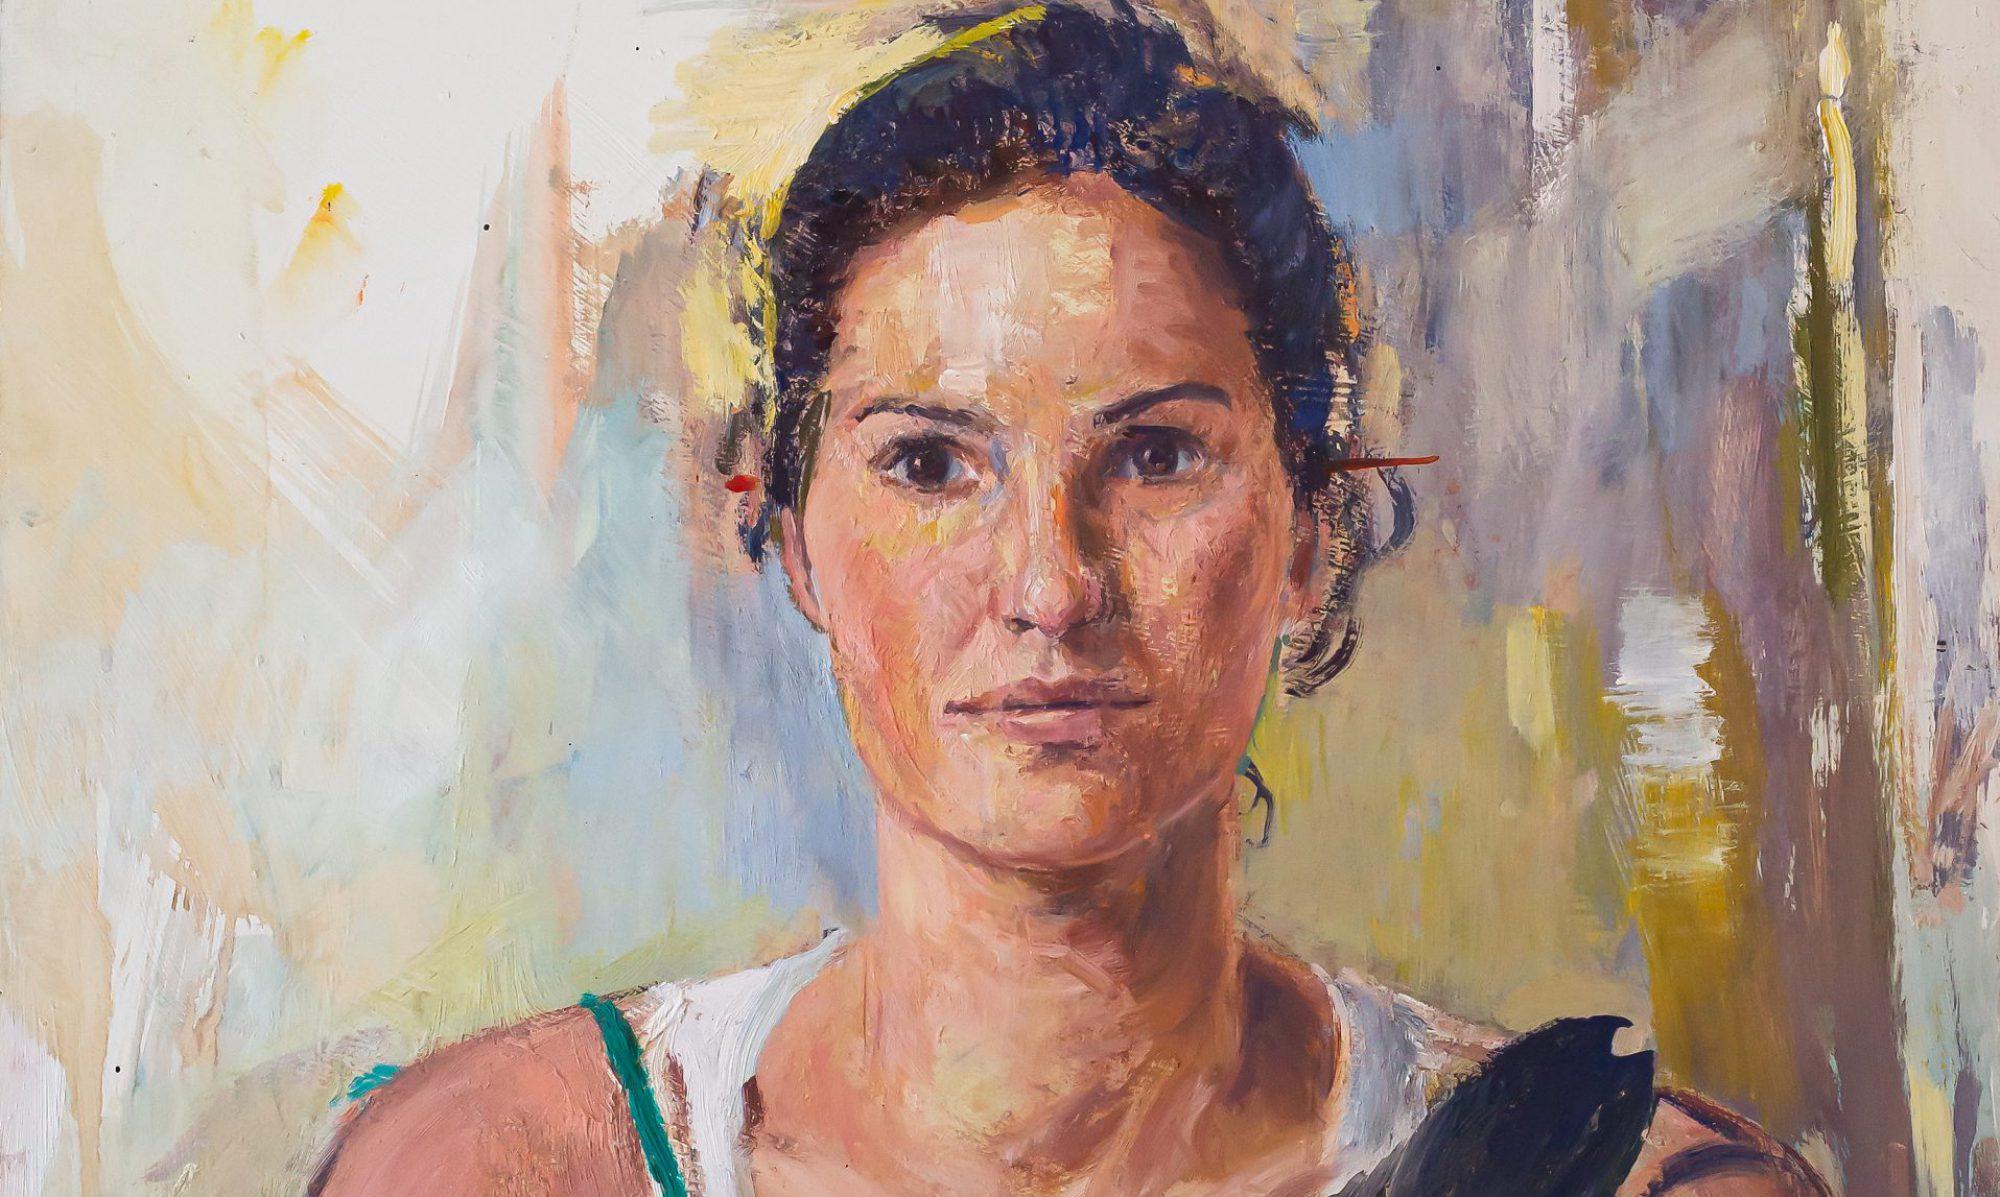 Der Portraitmaler Jan Helbig